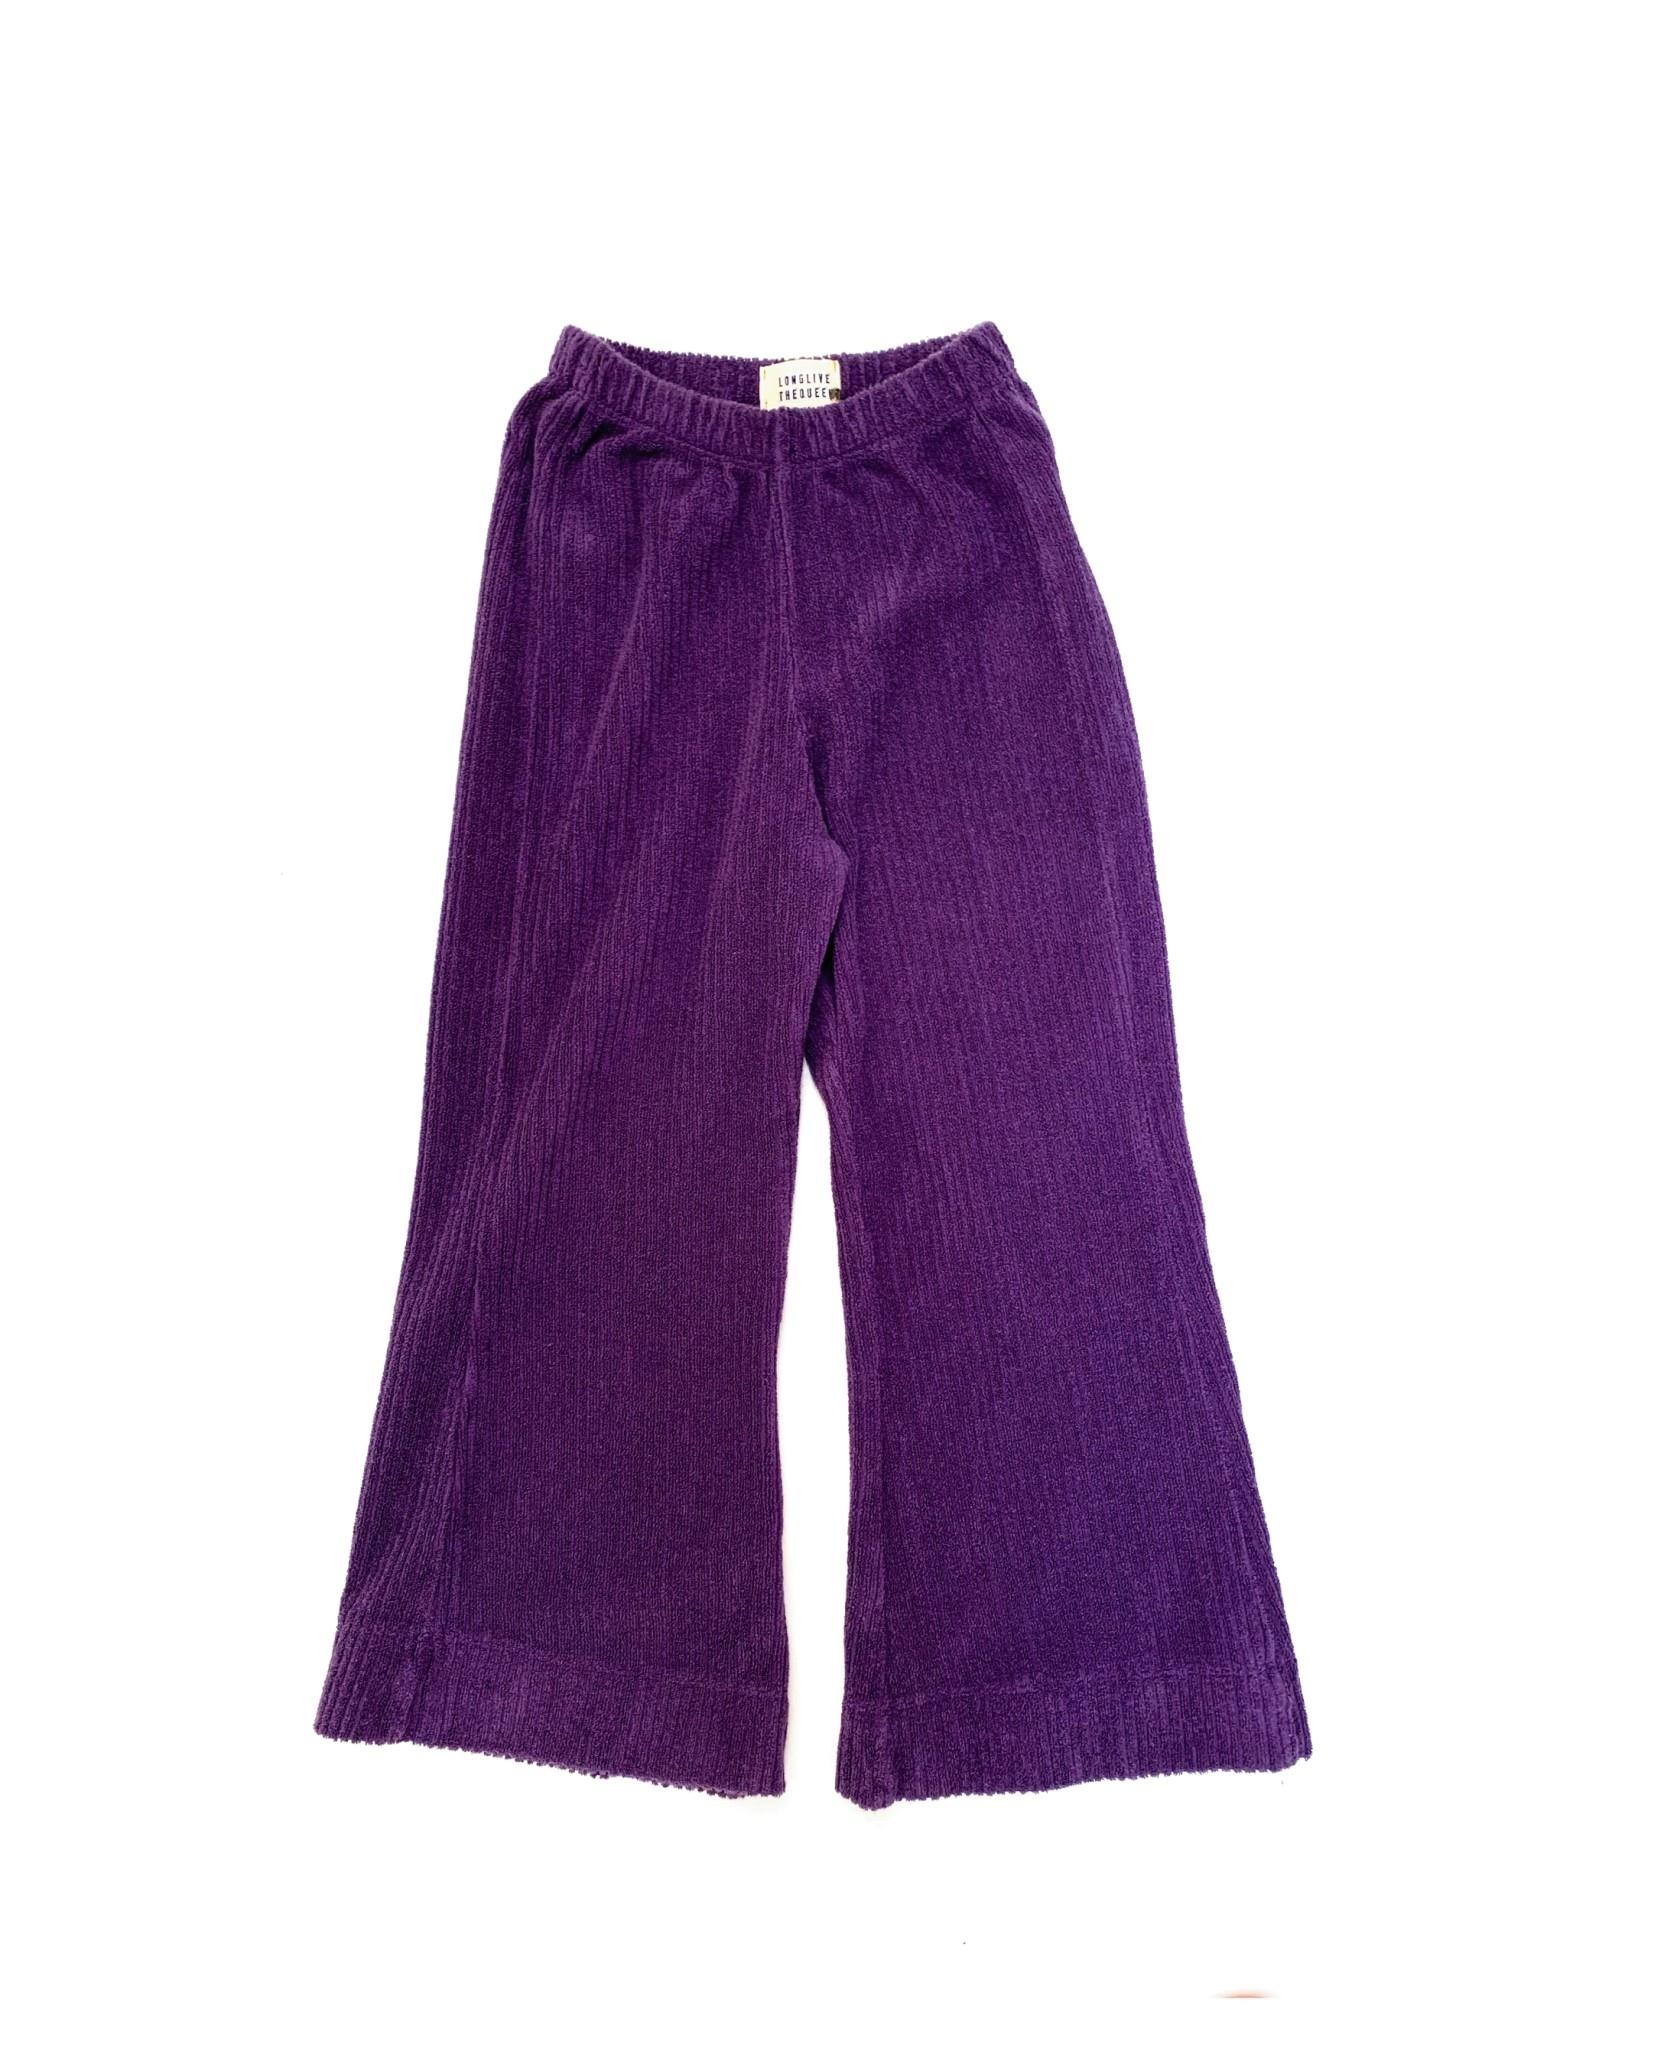 Flared baby pants purple velvet-1